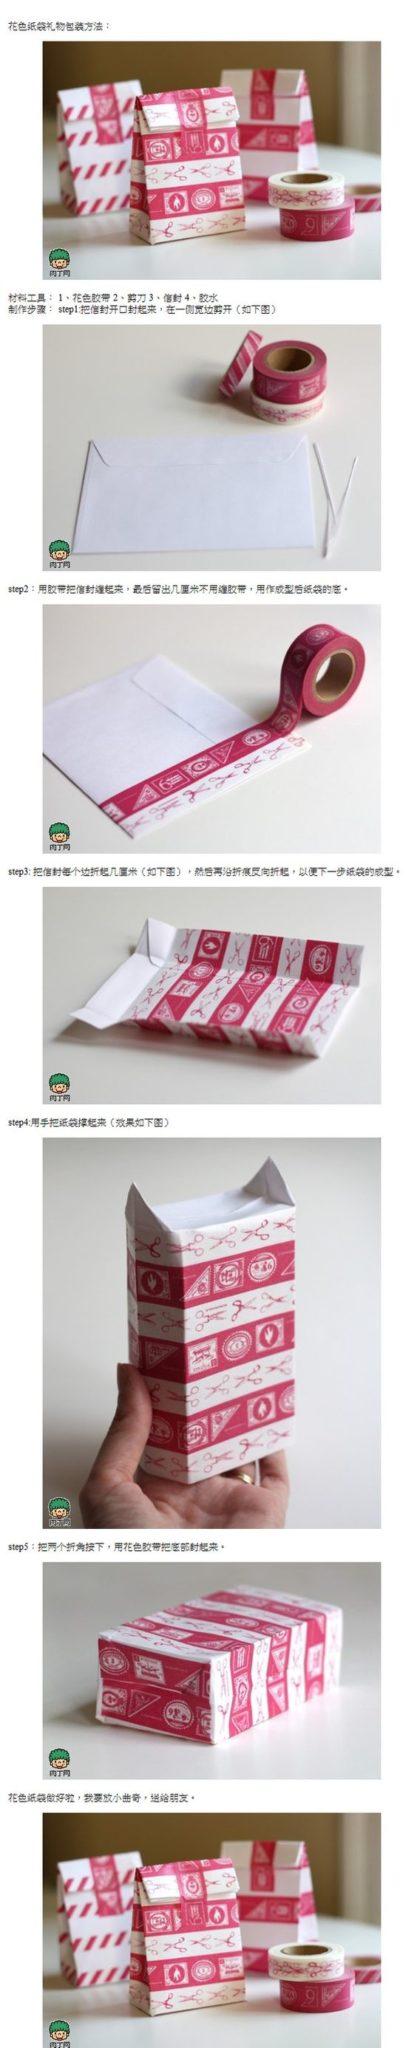 Divertidas cajas de cintas washi con sobres reciclados